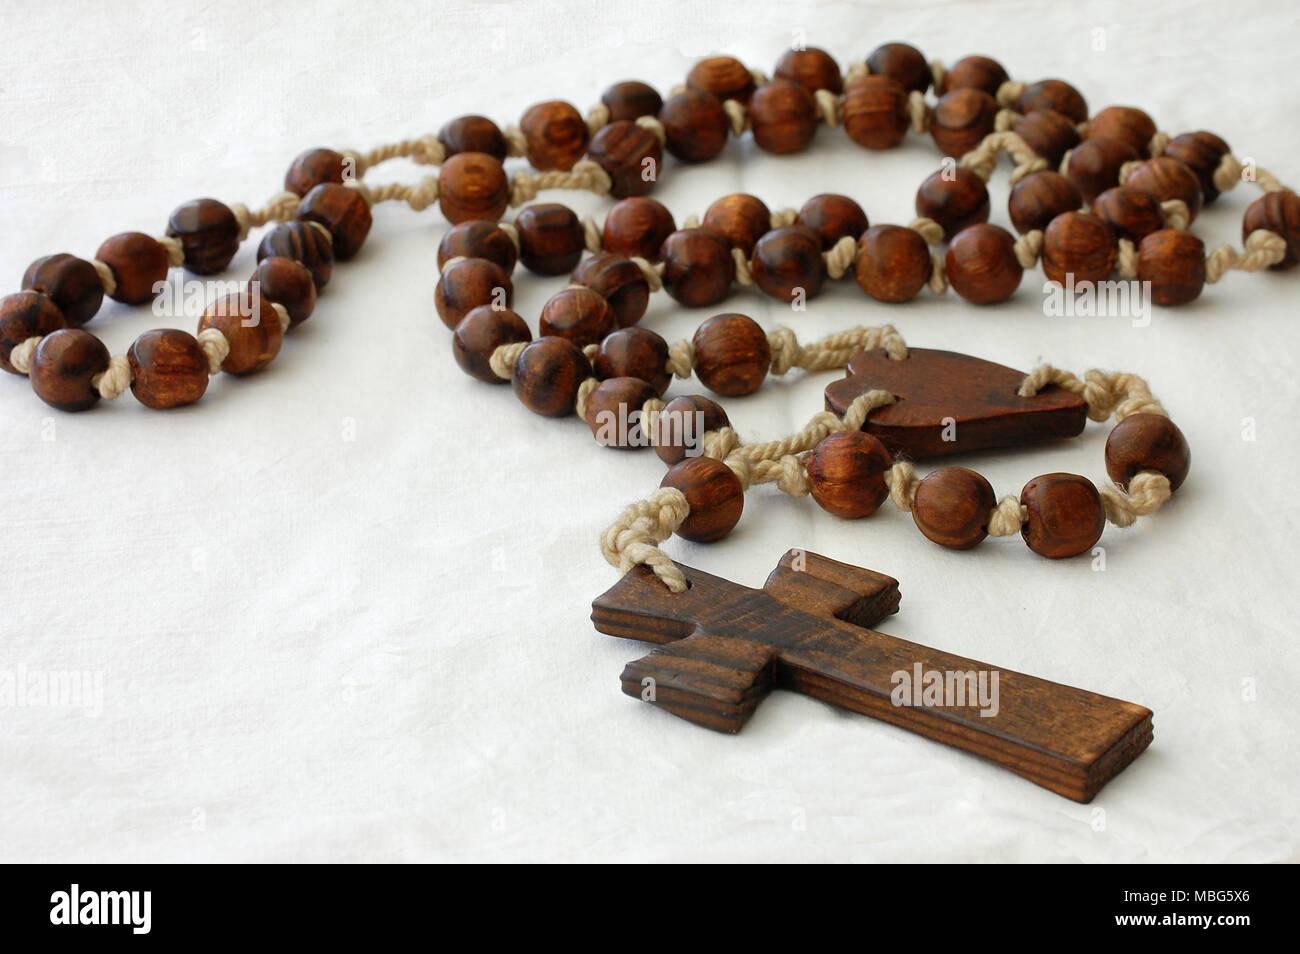 El rosario de madera aislado sobre fondo blanco. Imagen De Stock